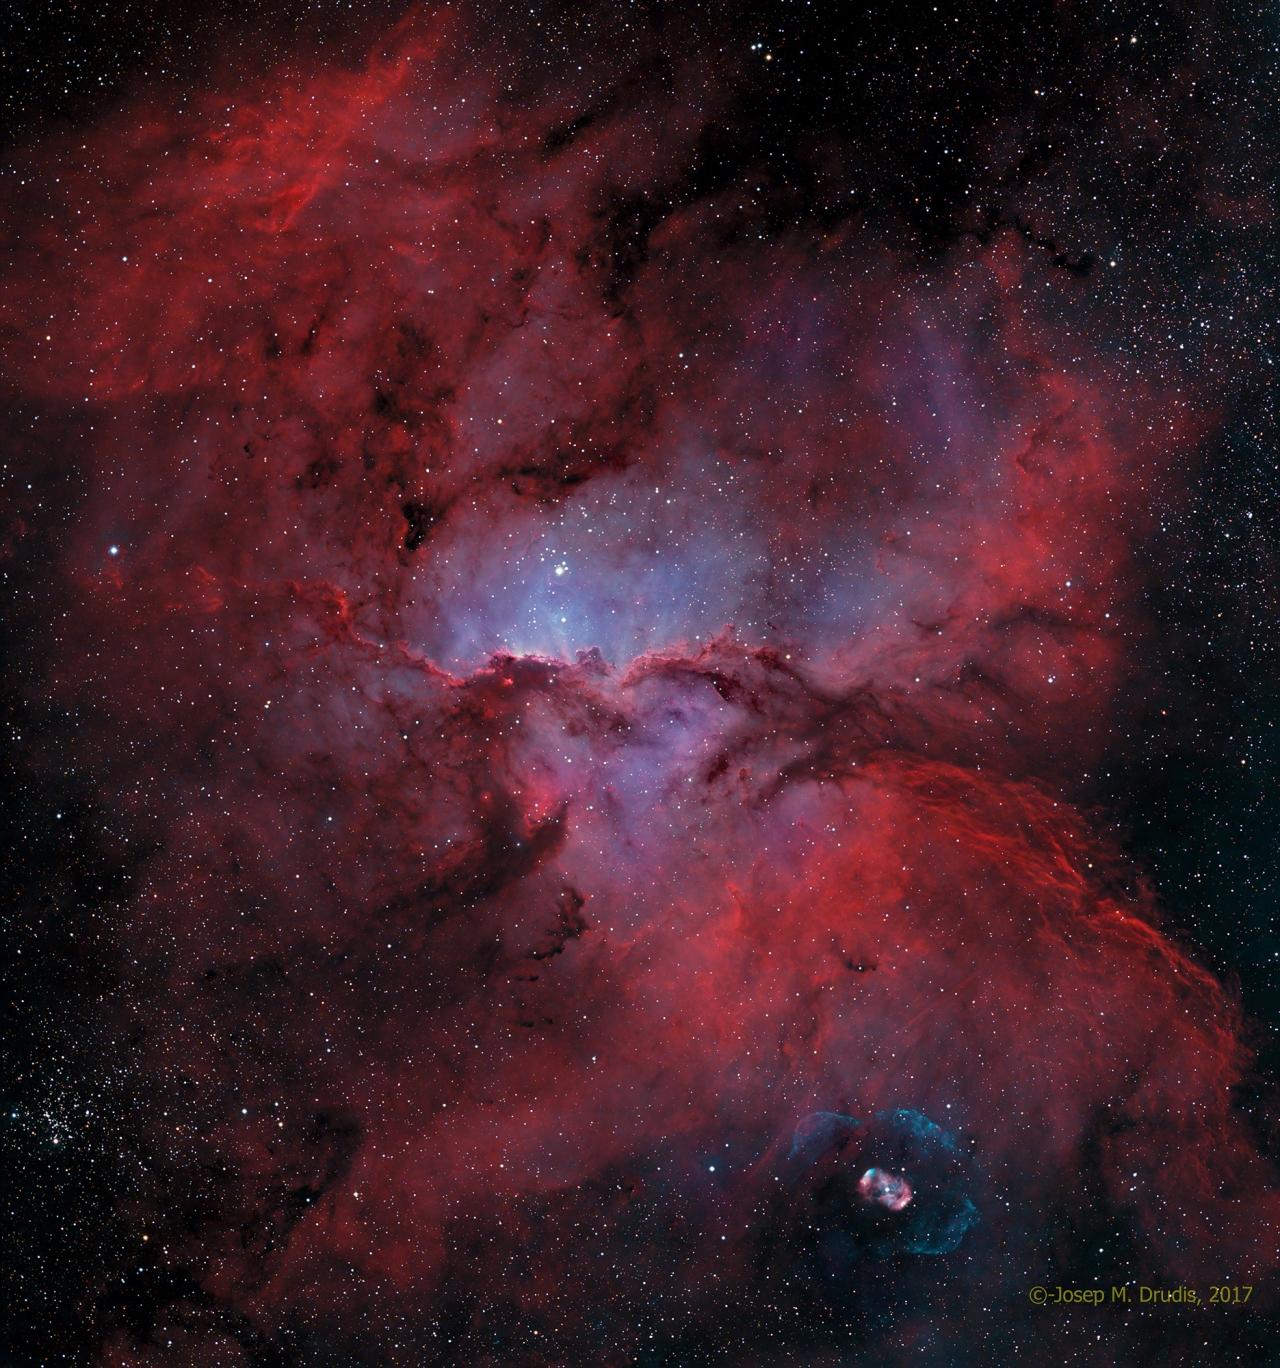 NGC6188-SLhd-HOOH-08B-Final15-bCc